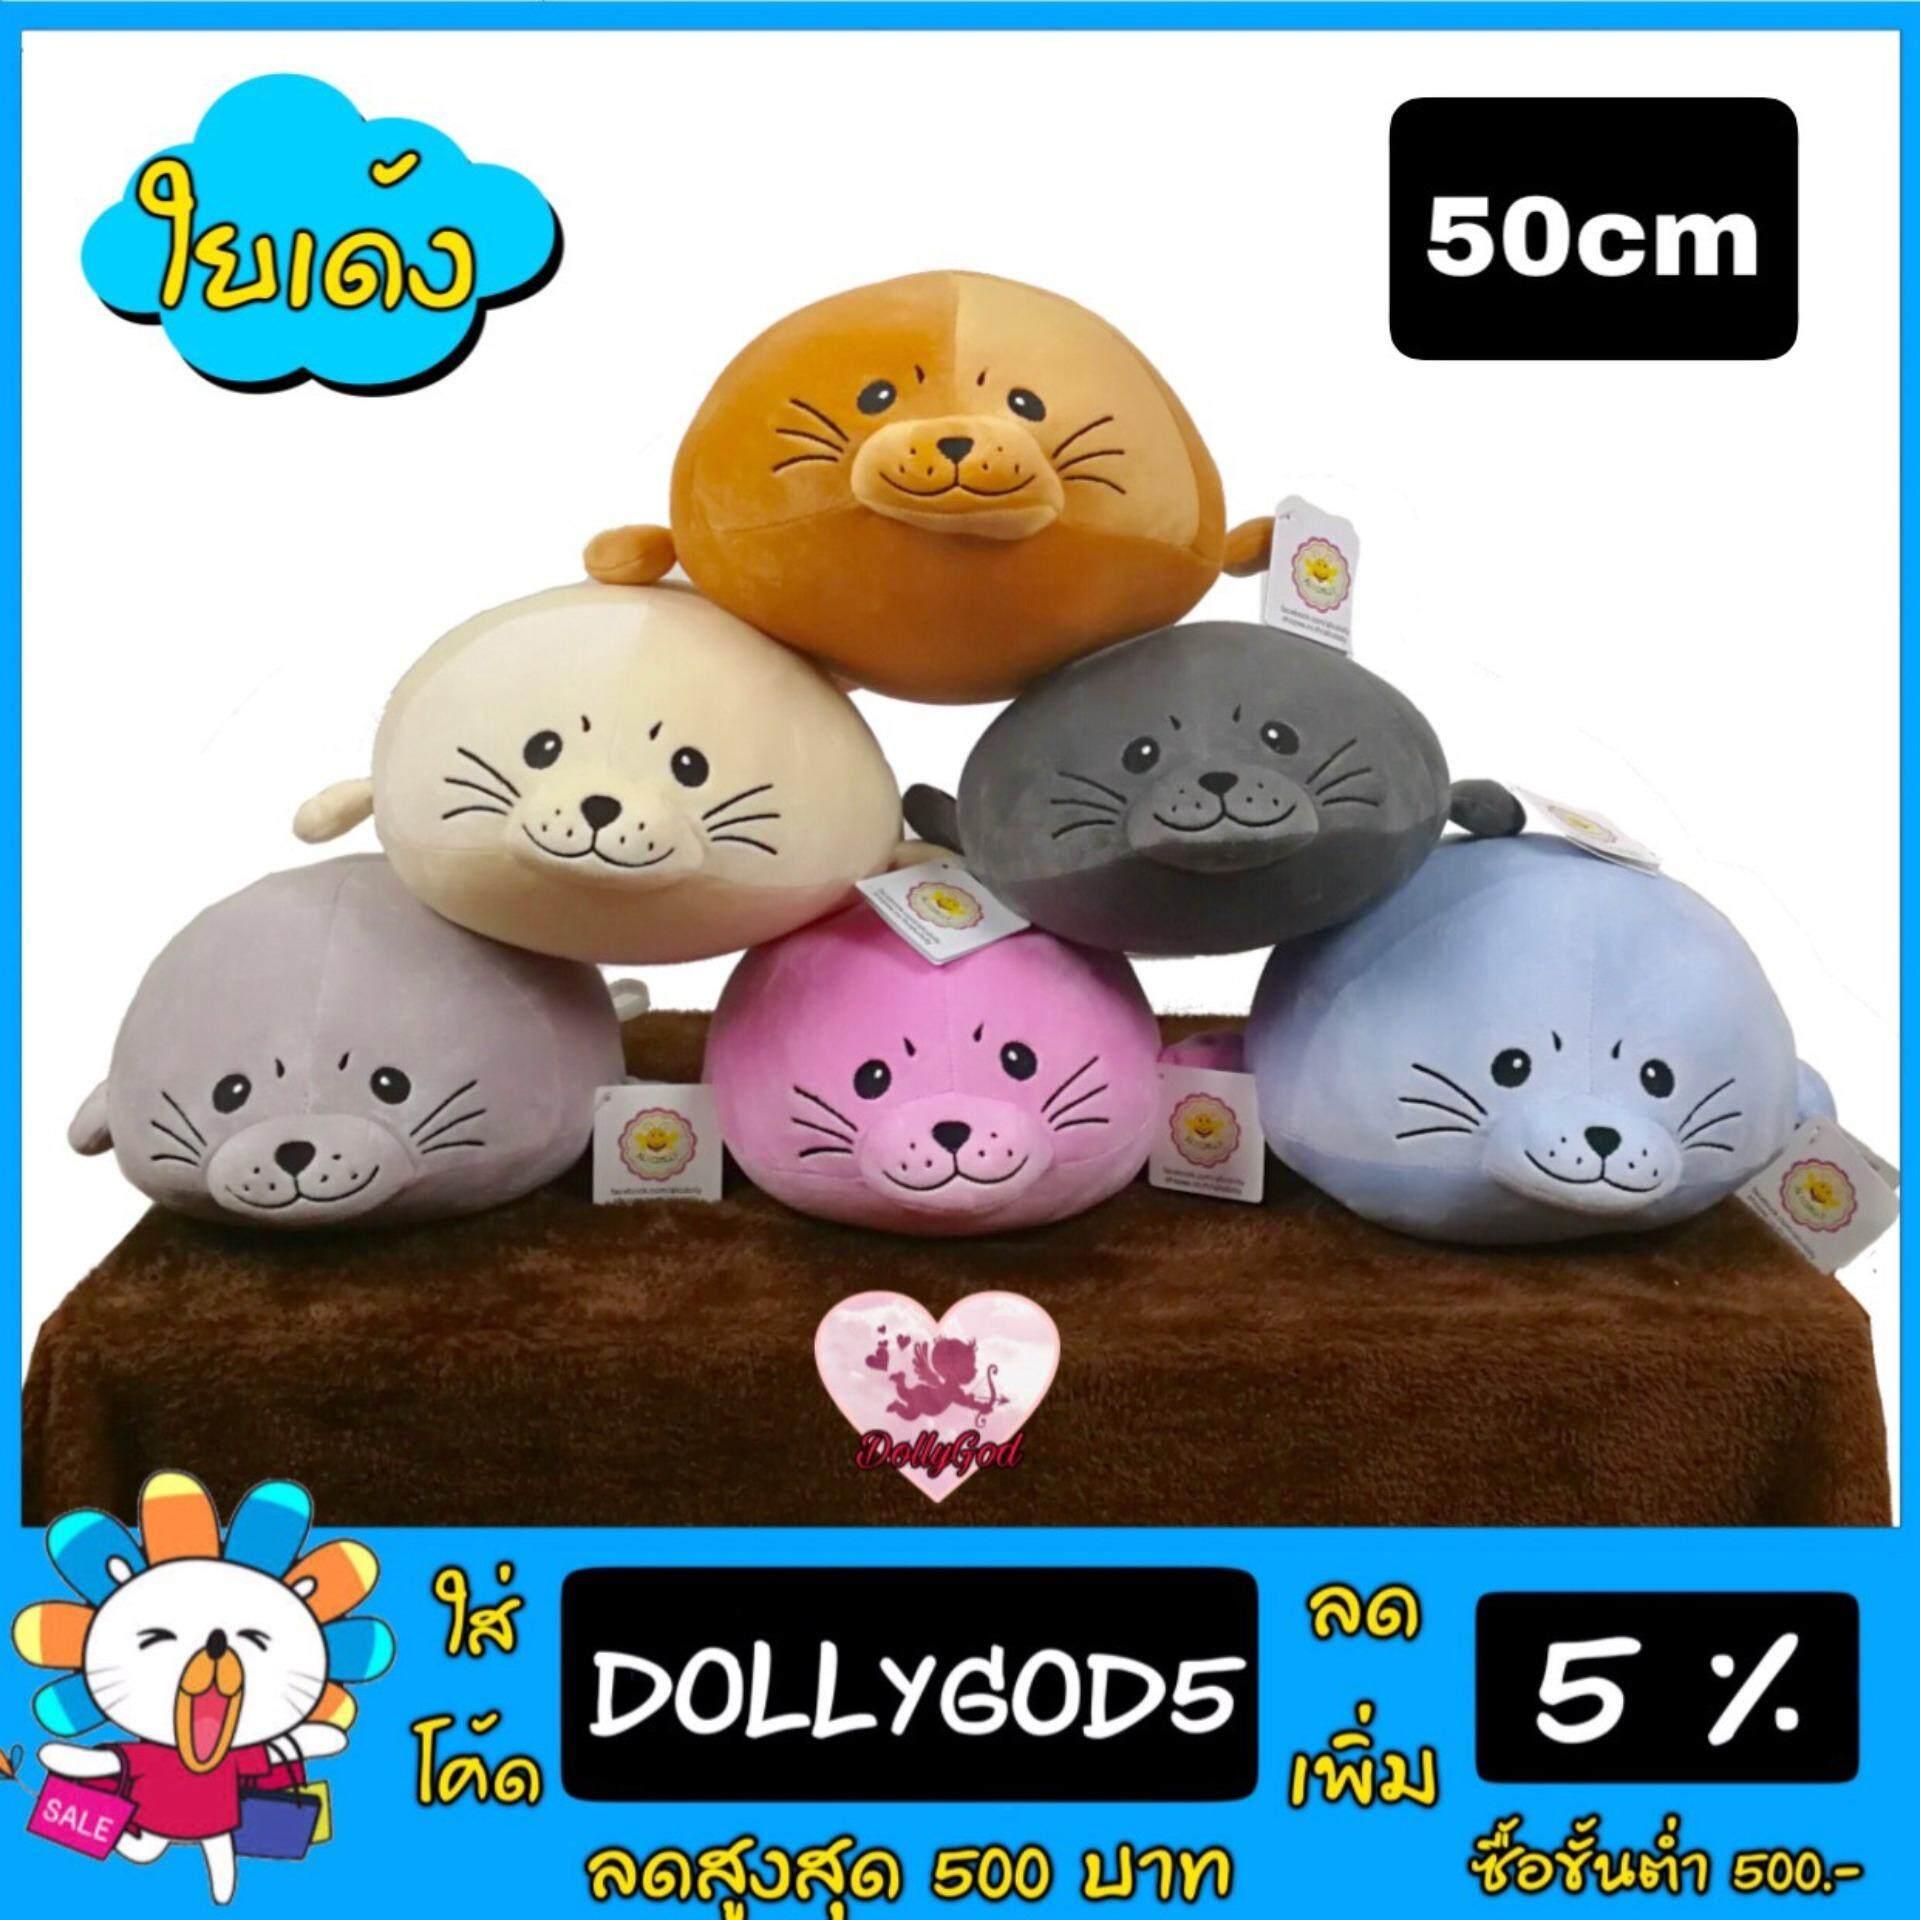 ตุ๊กตาแมวน้ำอุ๋ง ๆ ขนาด 50 Cm มีให้เลือก 6 สี (วิธีวัดดูรูปสุดท้ายจ้า) ผ้านุ่ม ใยเด้ง นุ่มมาก มีบริการเก็บเงินปลายทาง ราคาถูกมาก สินค้าแท้ Mini Sea Lion Plushdolls Dollygod.